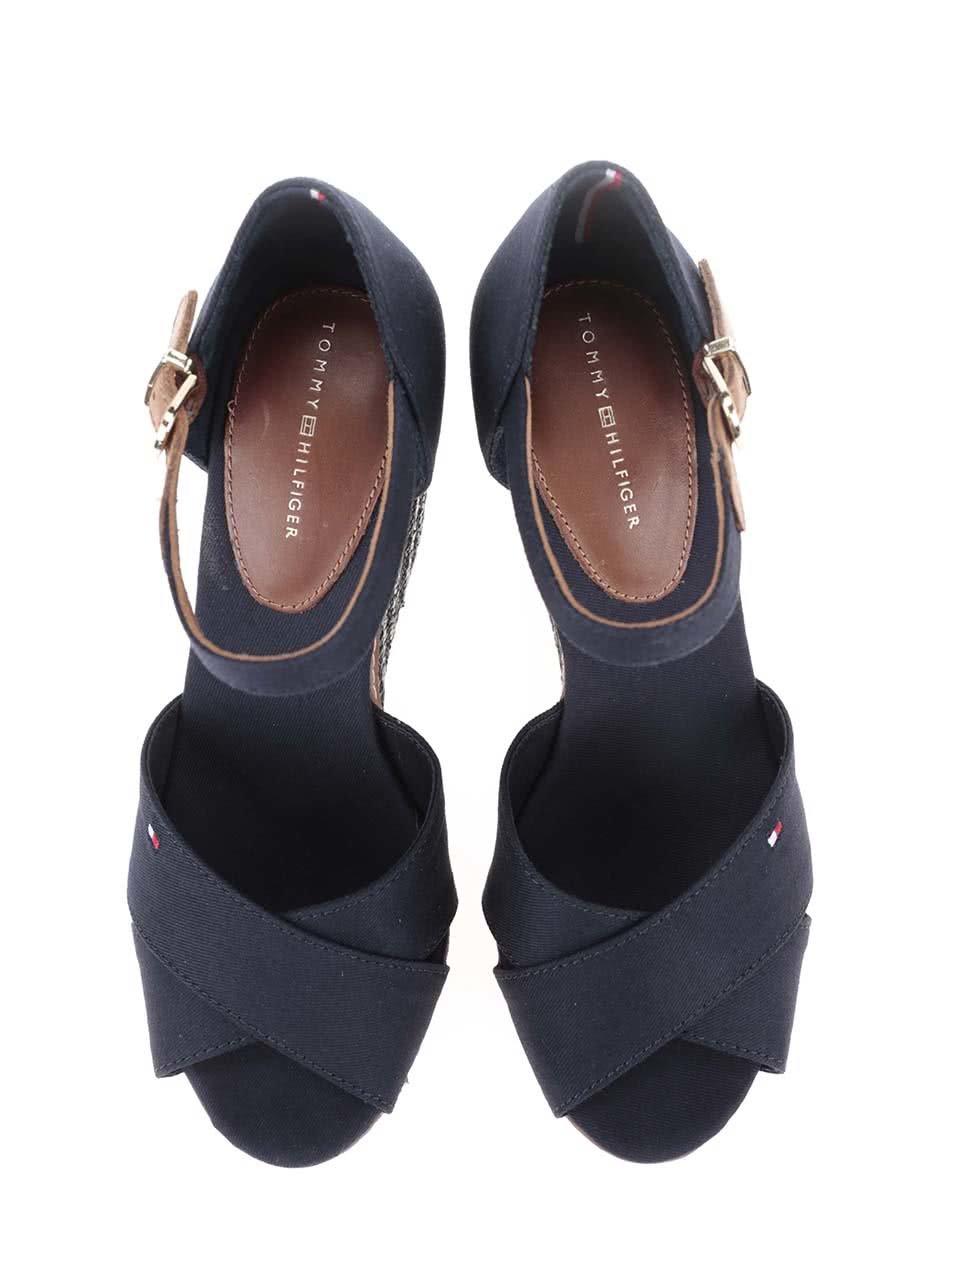 Modré dámské bavlněné boty na klínku Tommy Hilfiger ... fd1e099423